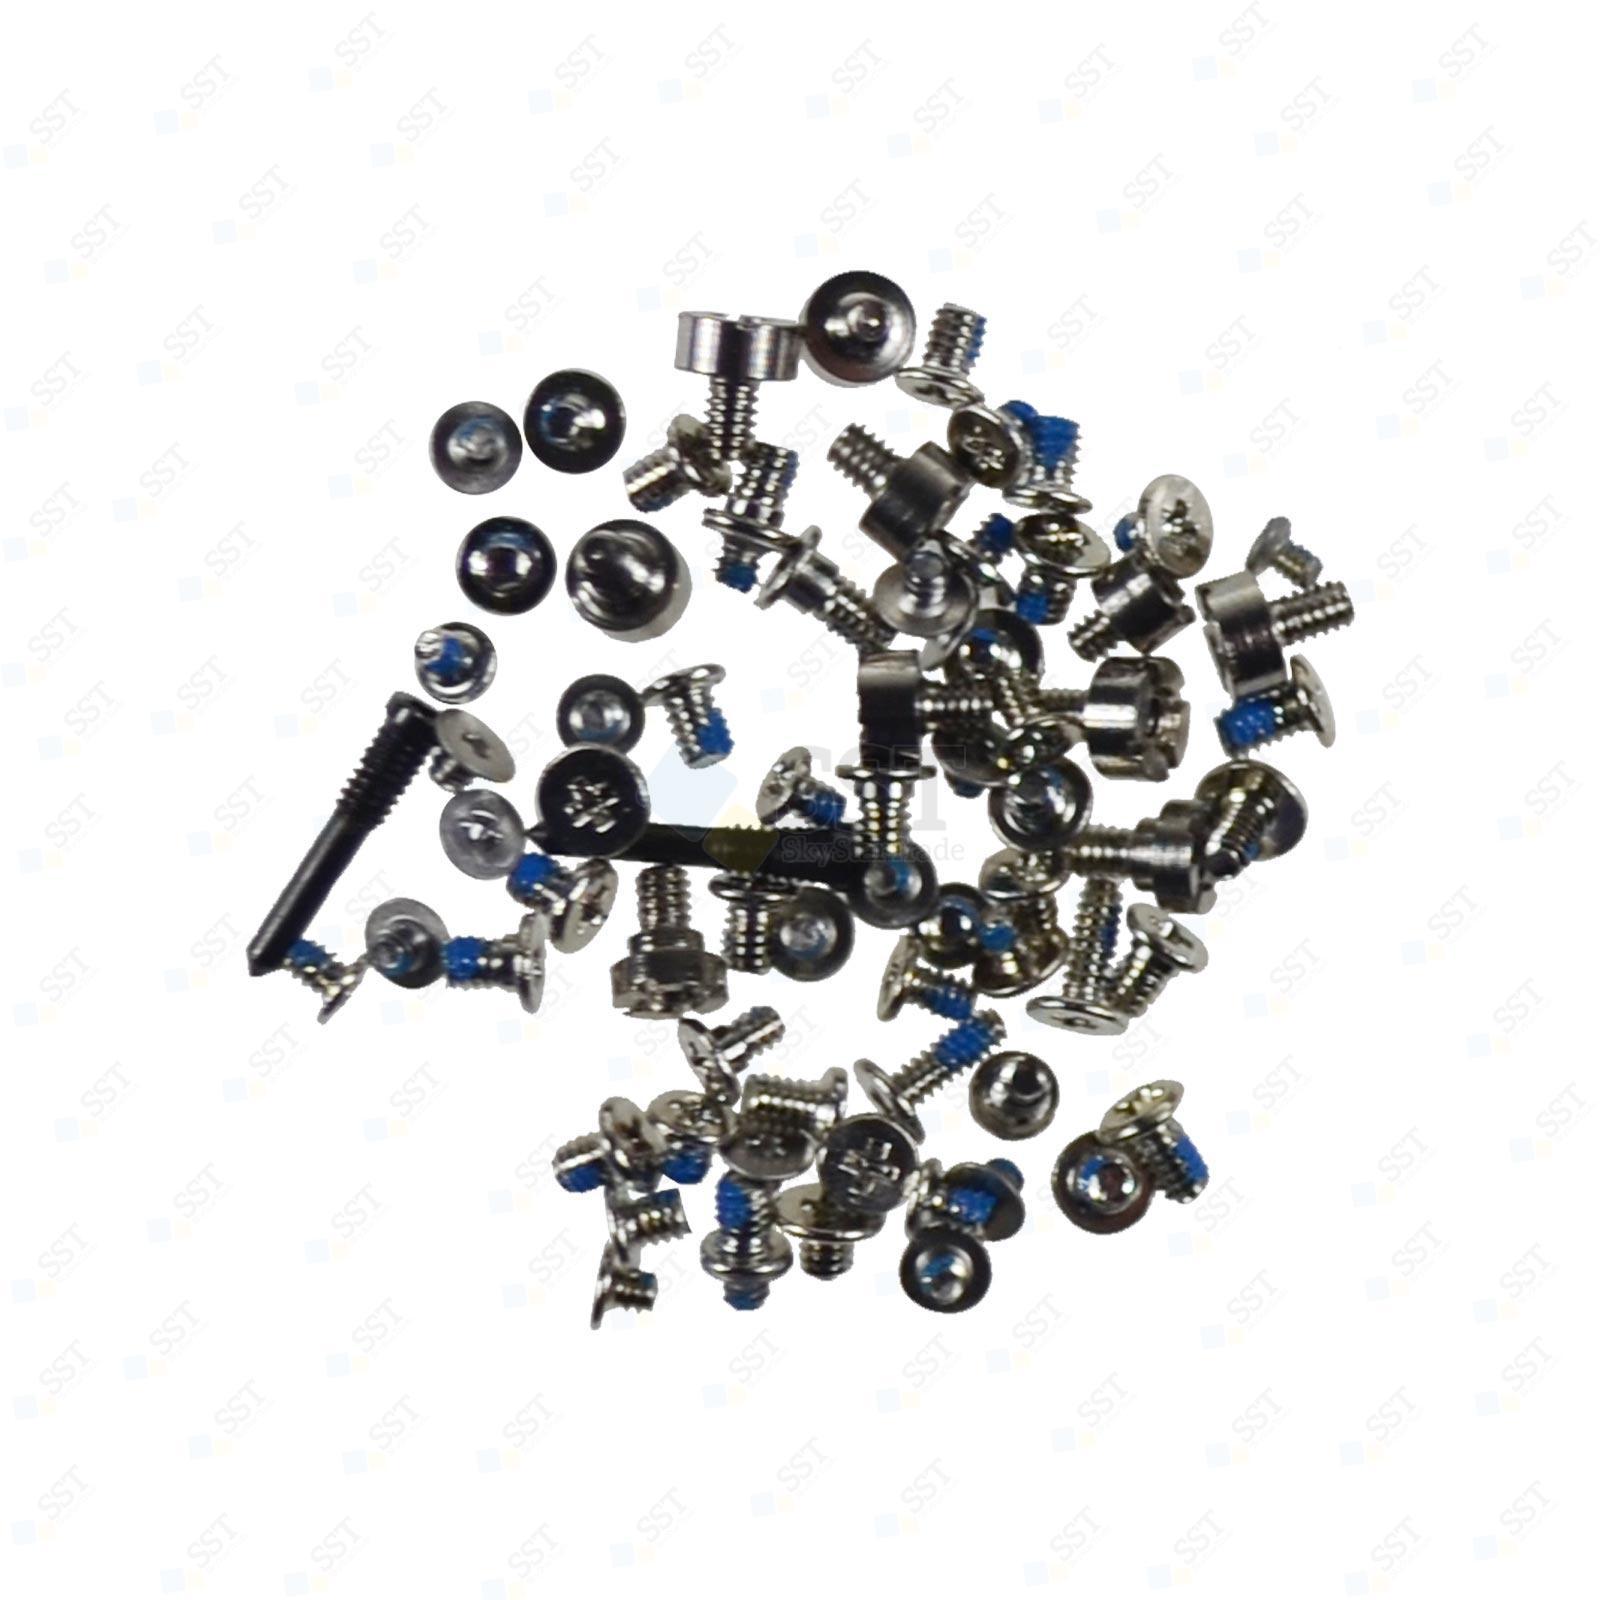 iPhone XR A1984 A2105 A2106 A2107 A2108 Screw, Black, Full Set